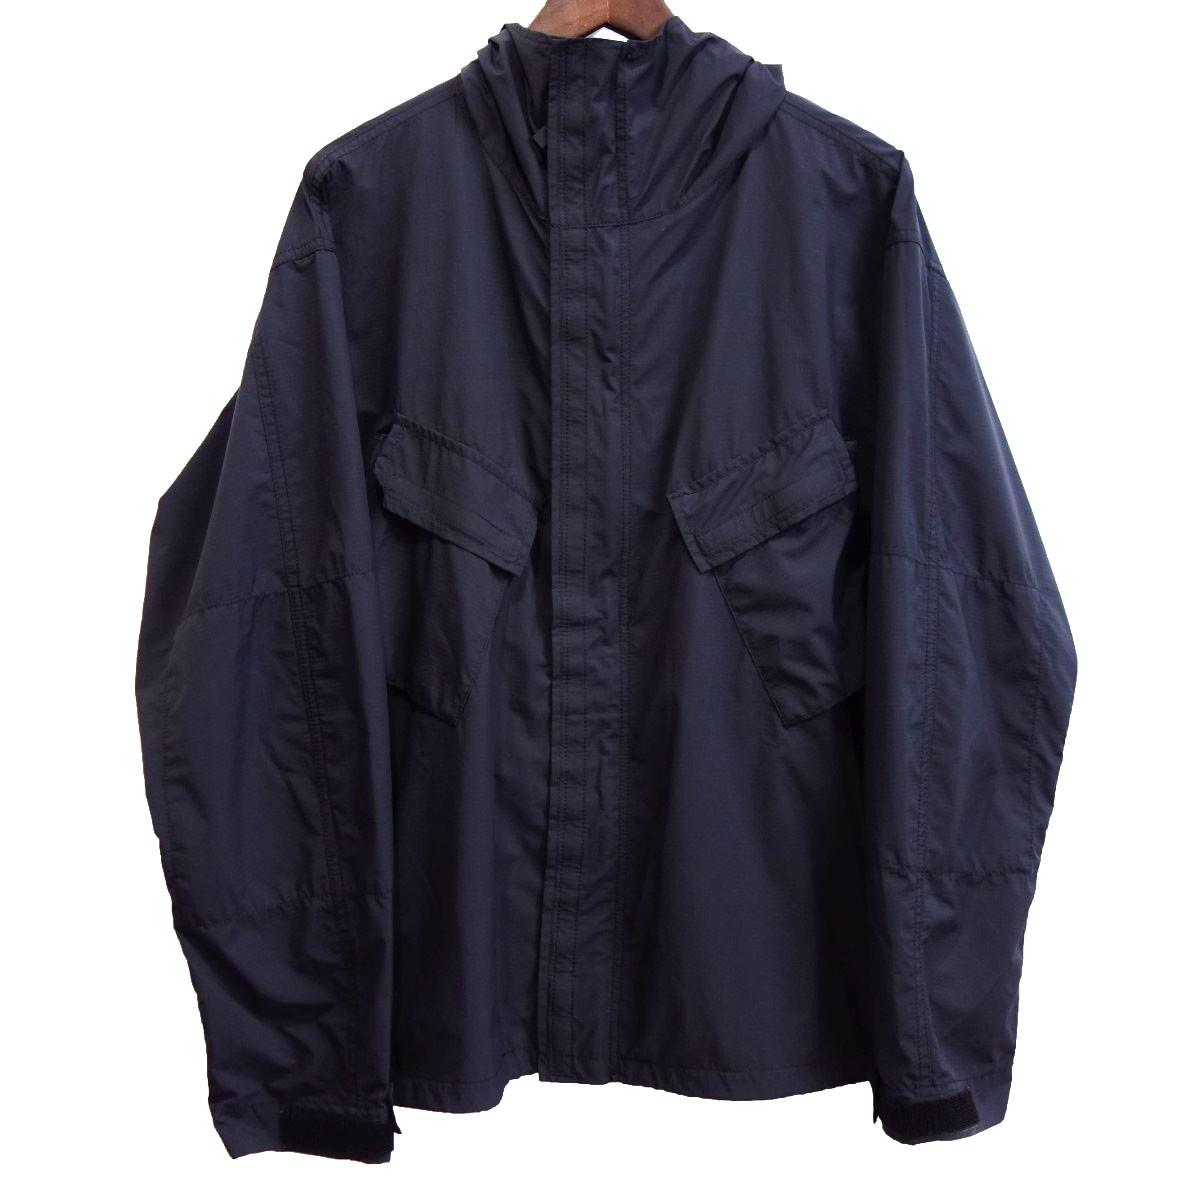 【中古】N.HOOLYWOOD 17SS フード付きブルゾン ブラック サイズ:38 【290320】(エヌハリウッド)